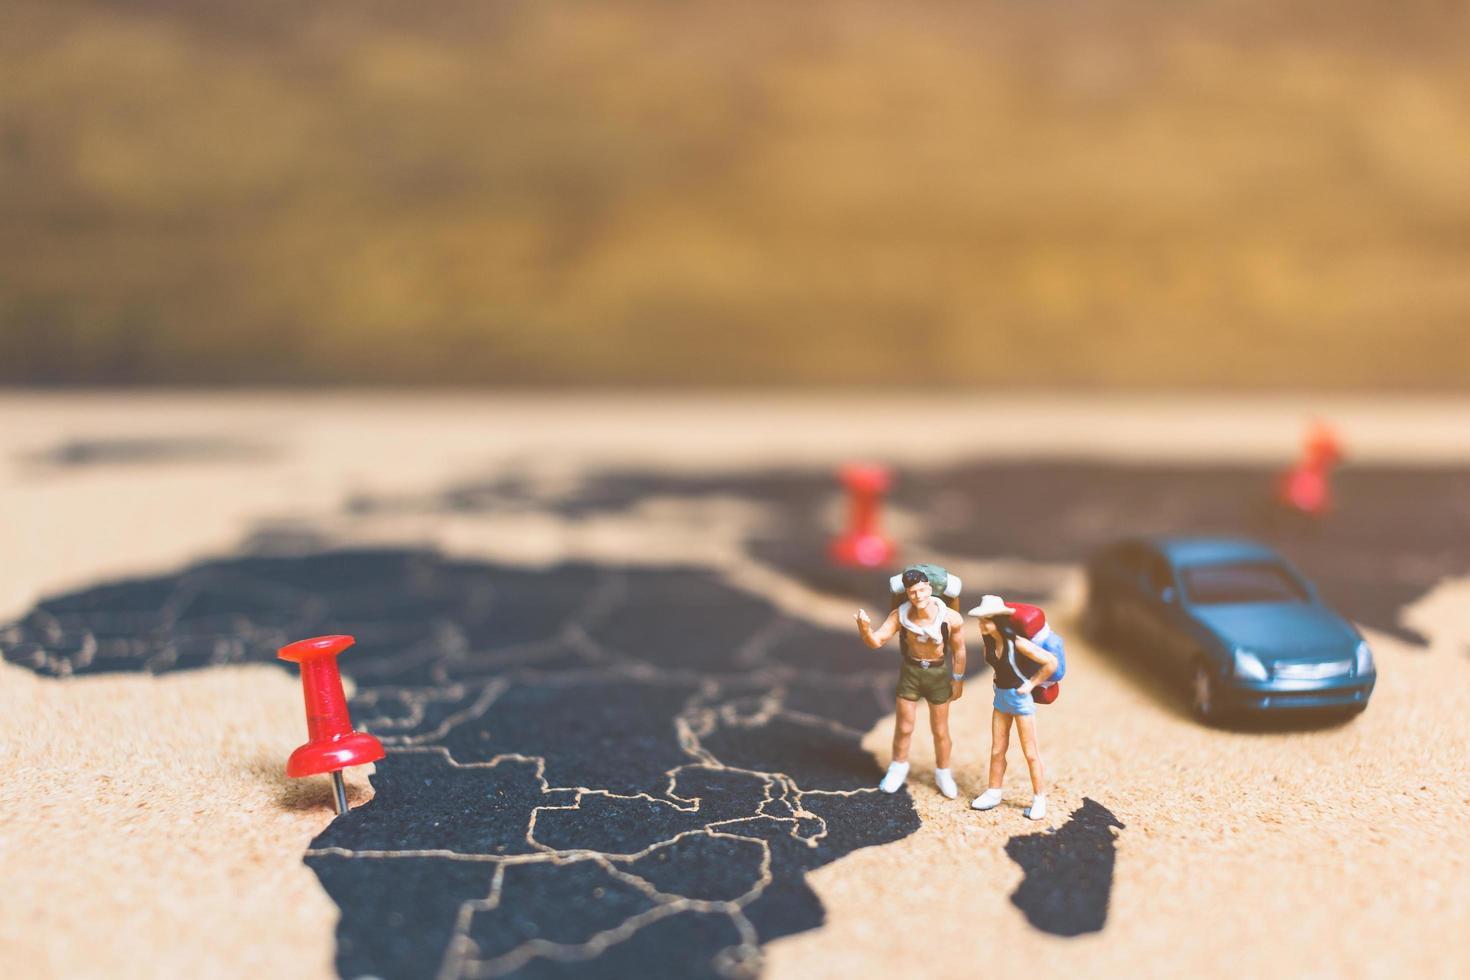 miniatyrresenärer som går på en världskarta, reser och utforskar världskonceptet foto